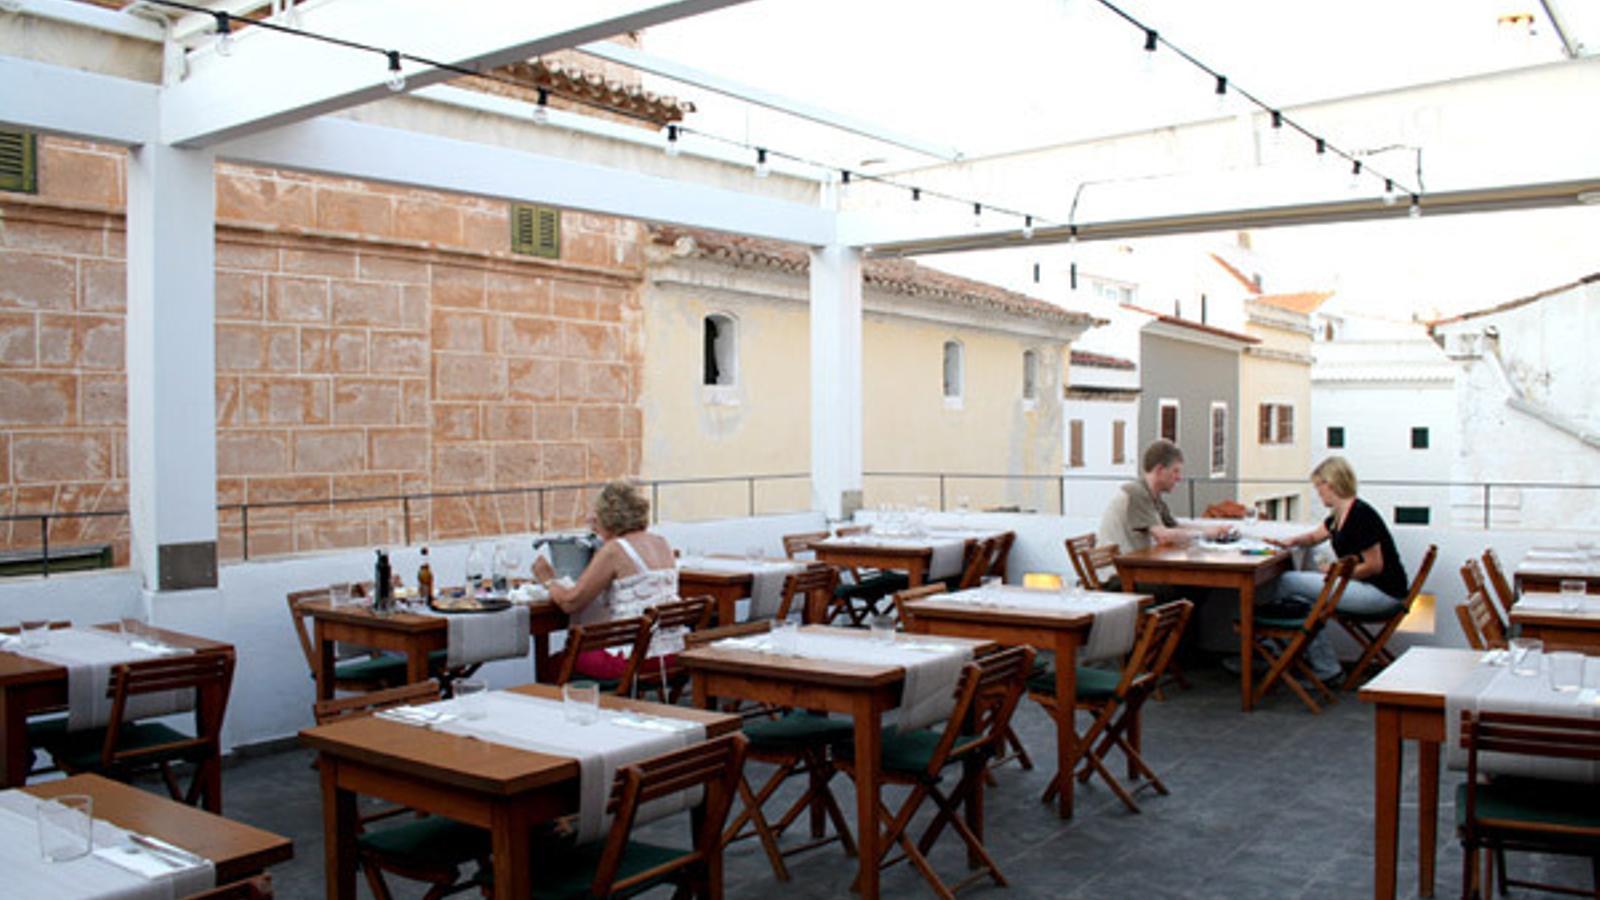 """Restauradors de Menorca demanen ampliar l'horari de tancament per no """"enterrar"""" el sector"""